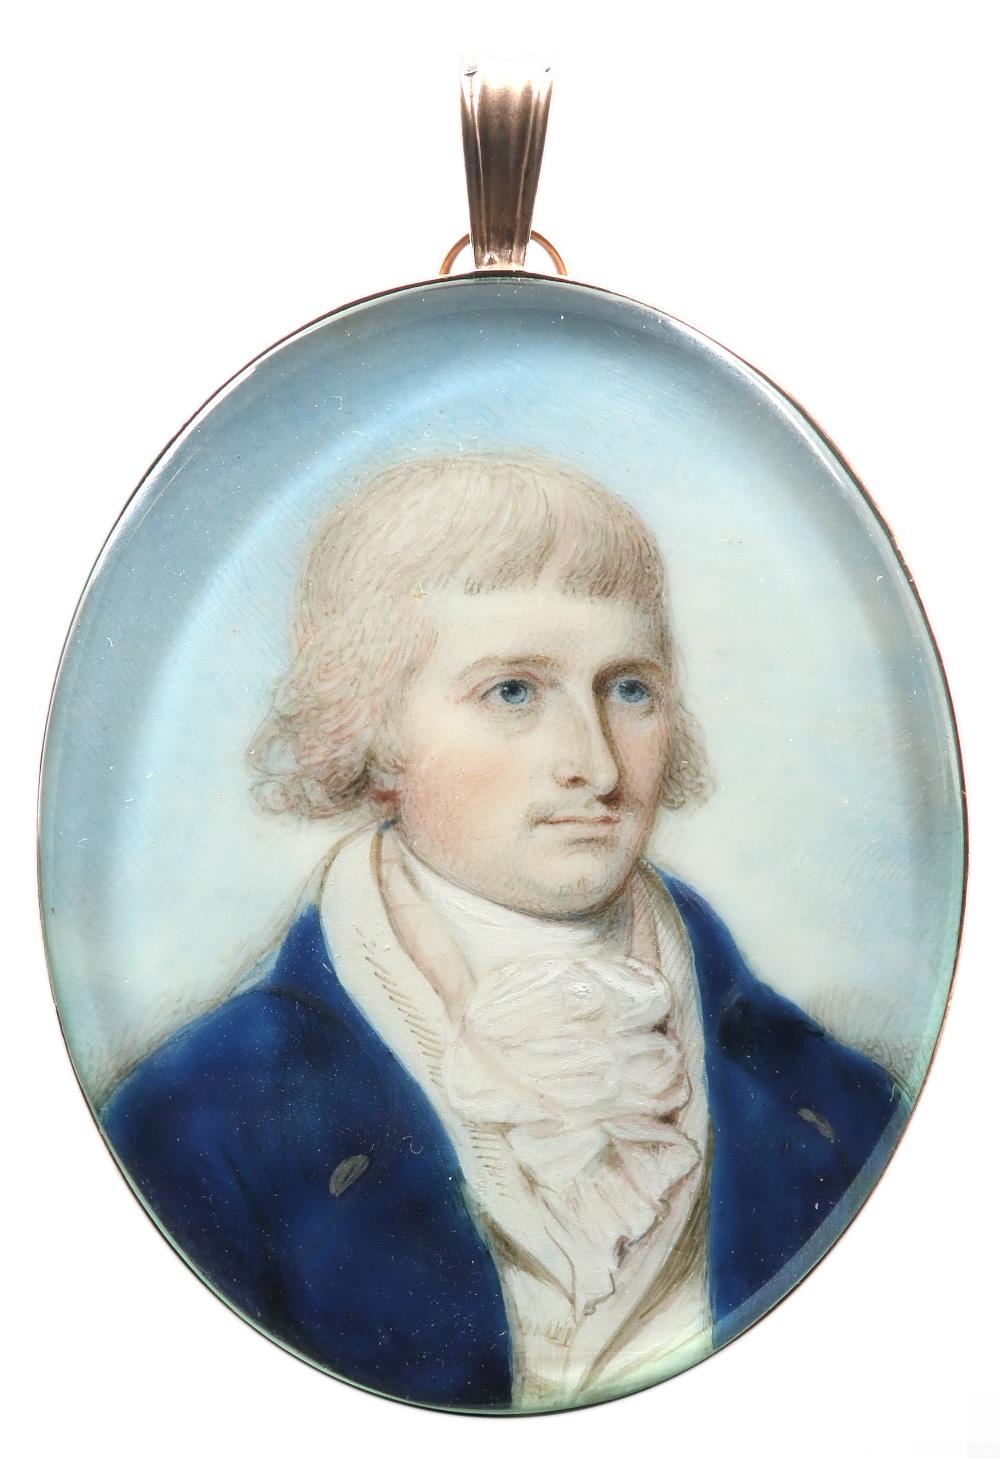 λThomas H. Hull (act. 1775-1827) Portrait miniature of a gentleman in a blue coat and white